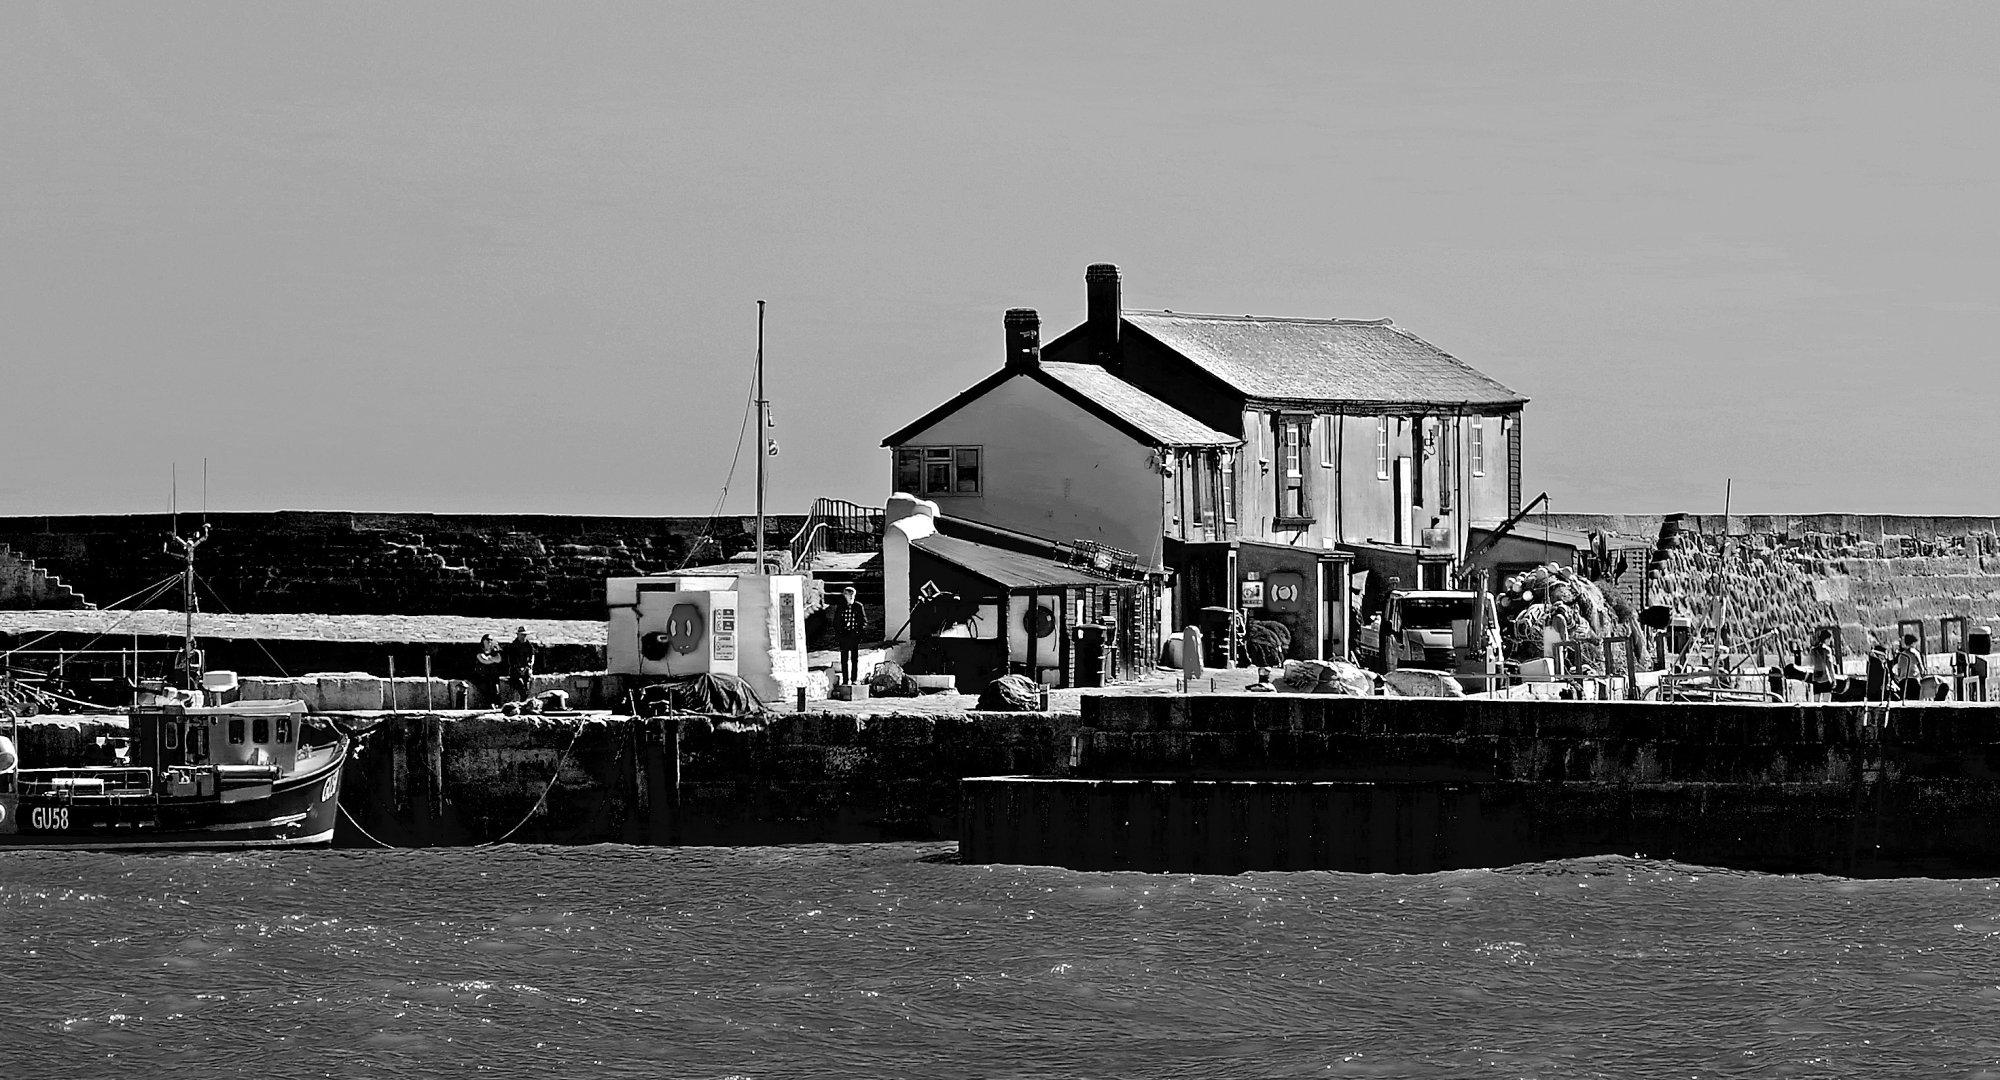 Cobb Buildings, Cobb, Lyme Regis